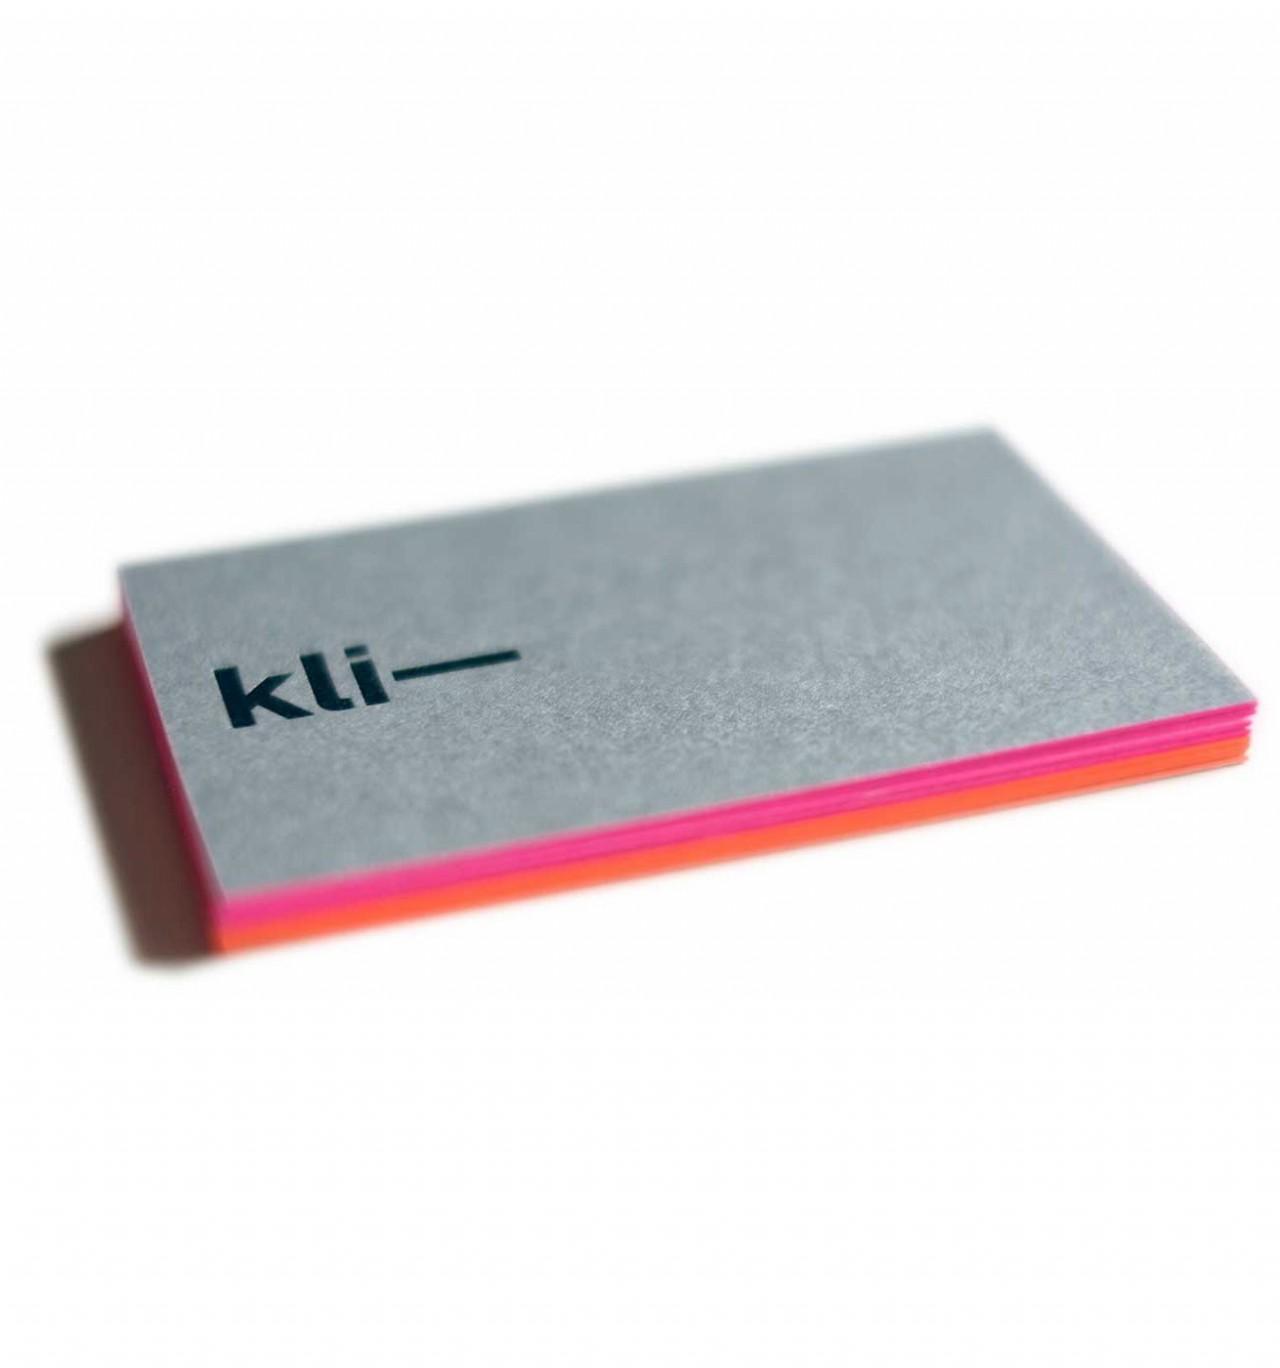 BUREAU KUEPPERS kli Corporate Design und kli-TEC Labeldesign